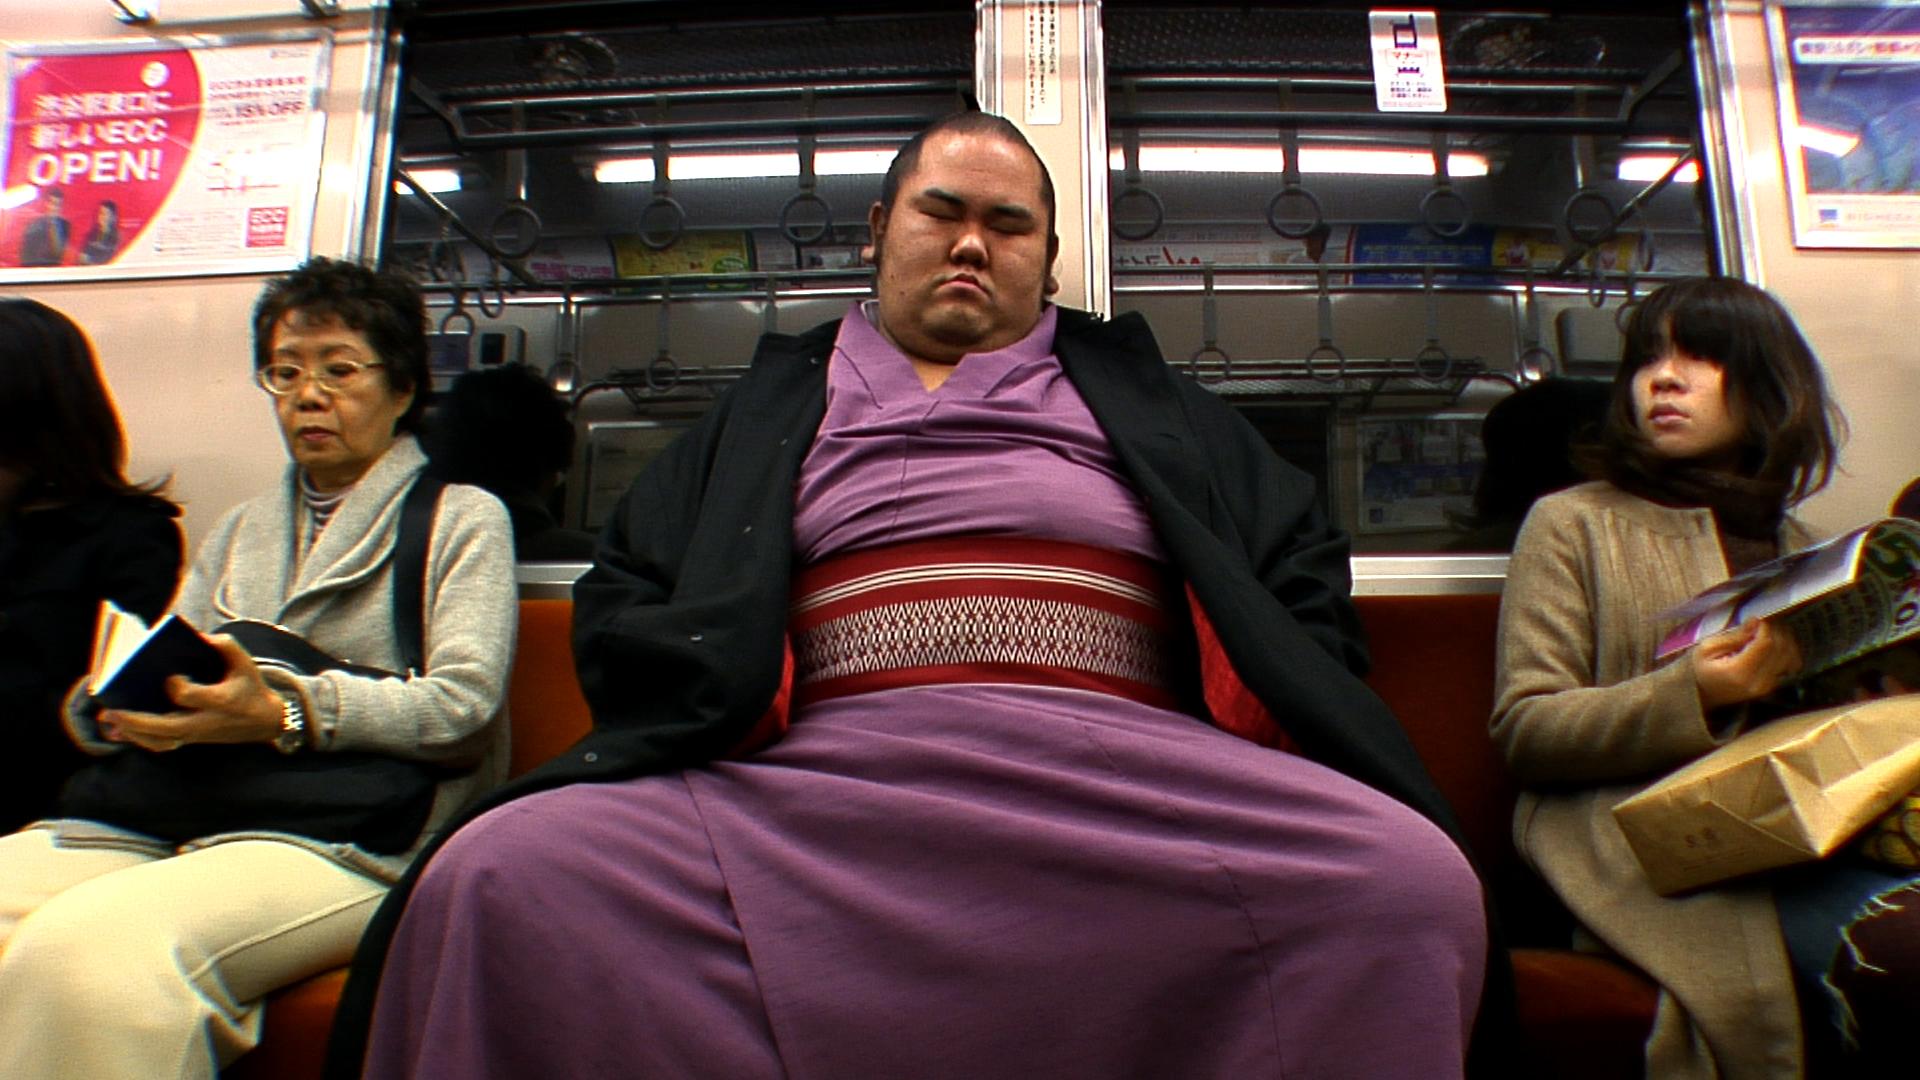 Tuserassumo-rikishi dans le metro.jpg